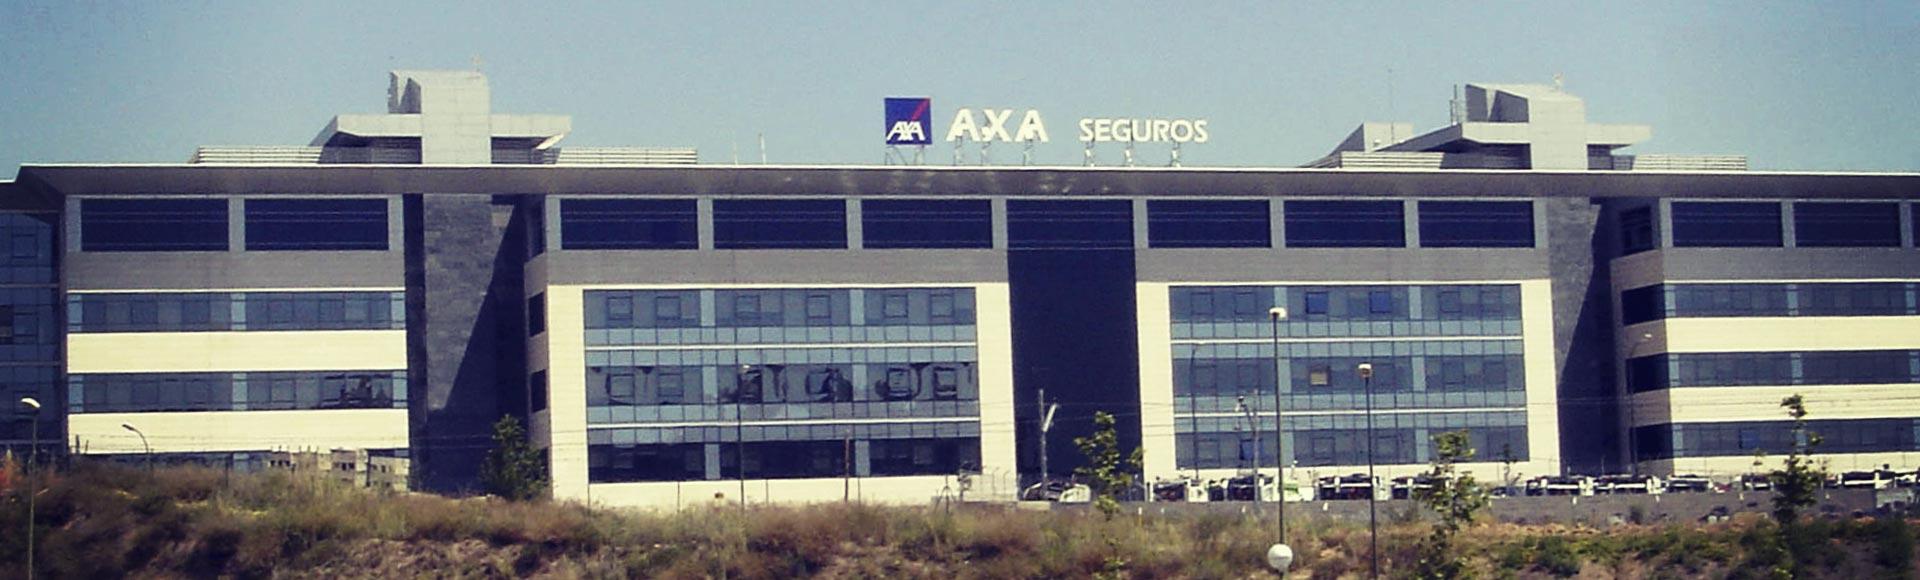 Convención de GEXBROK en la sede de Madrid de AXA